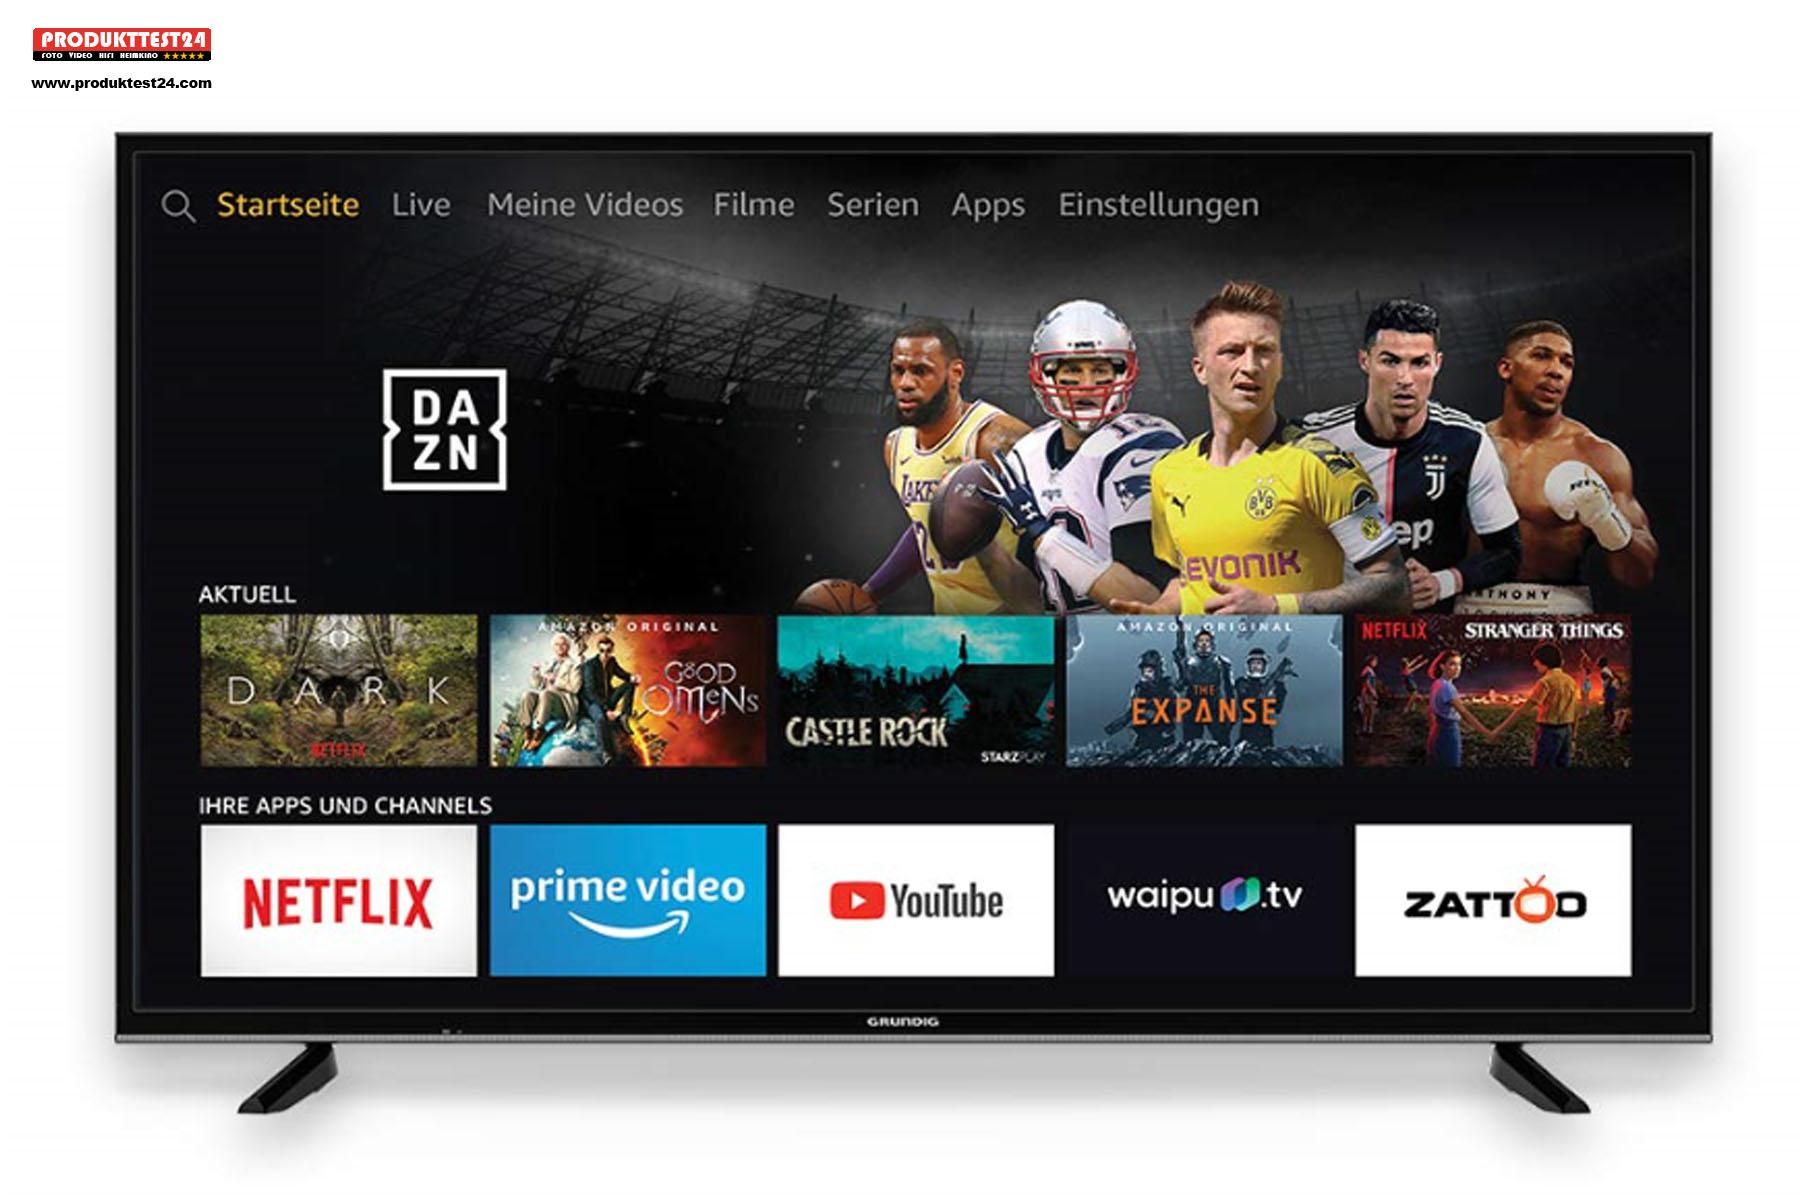 Amazon Fire TV mit Alexa Sprachsteuerung